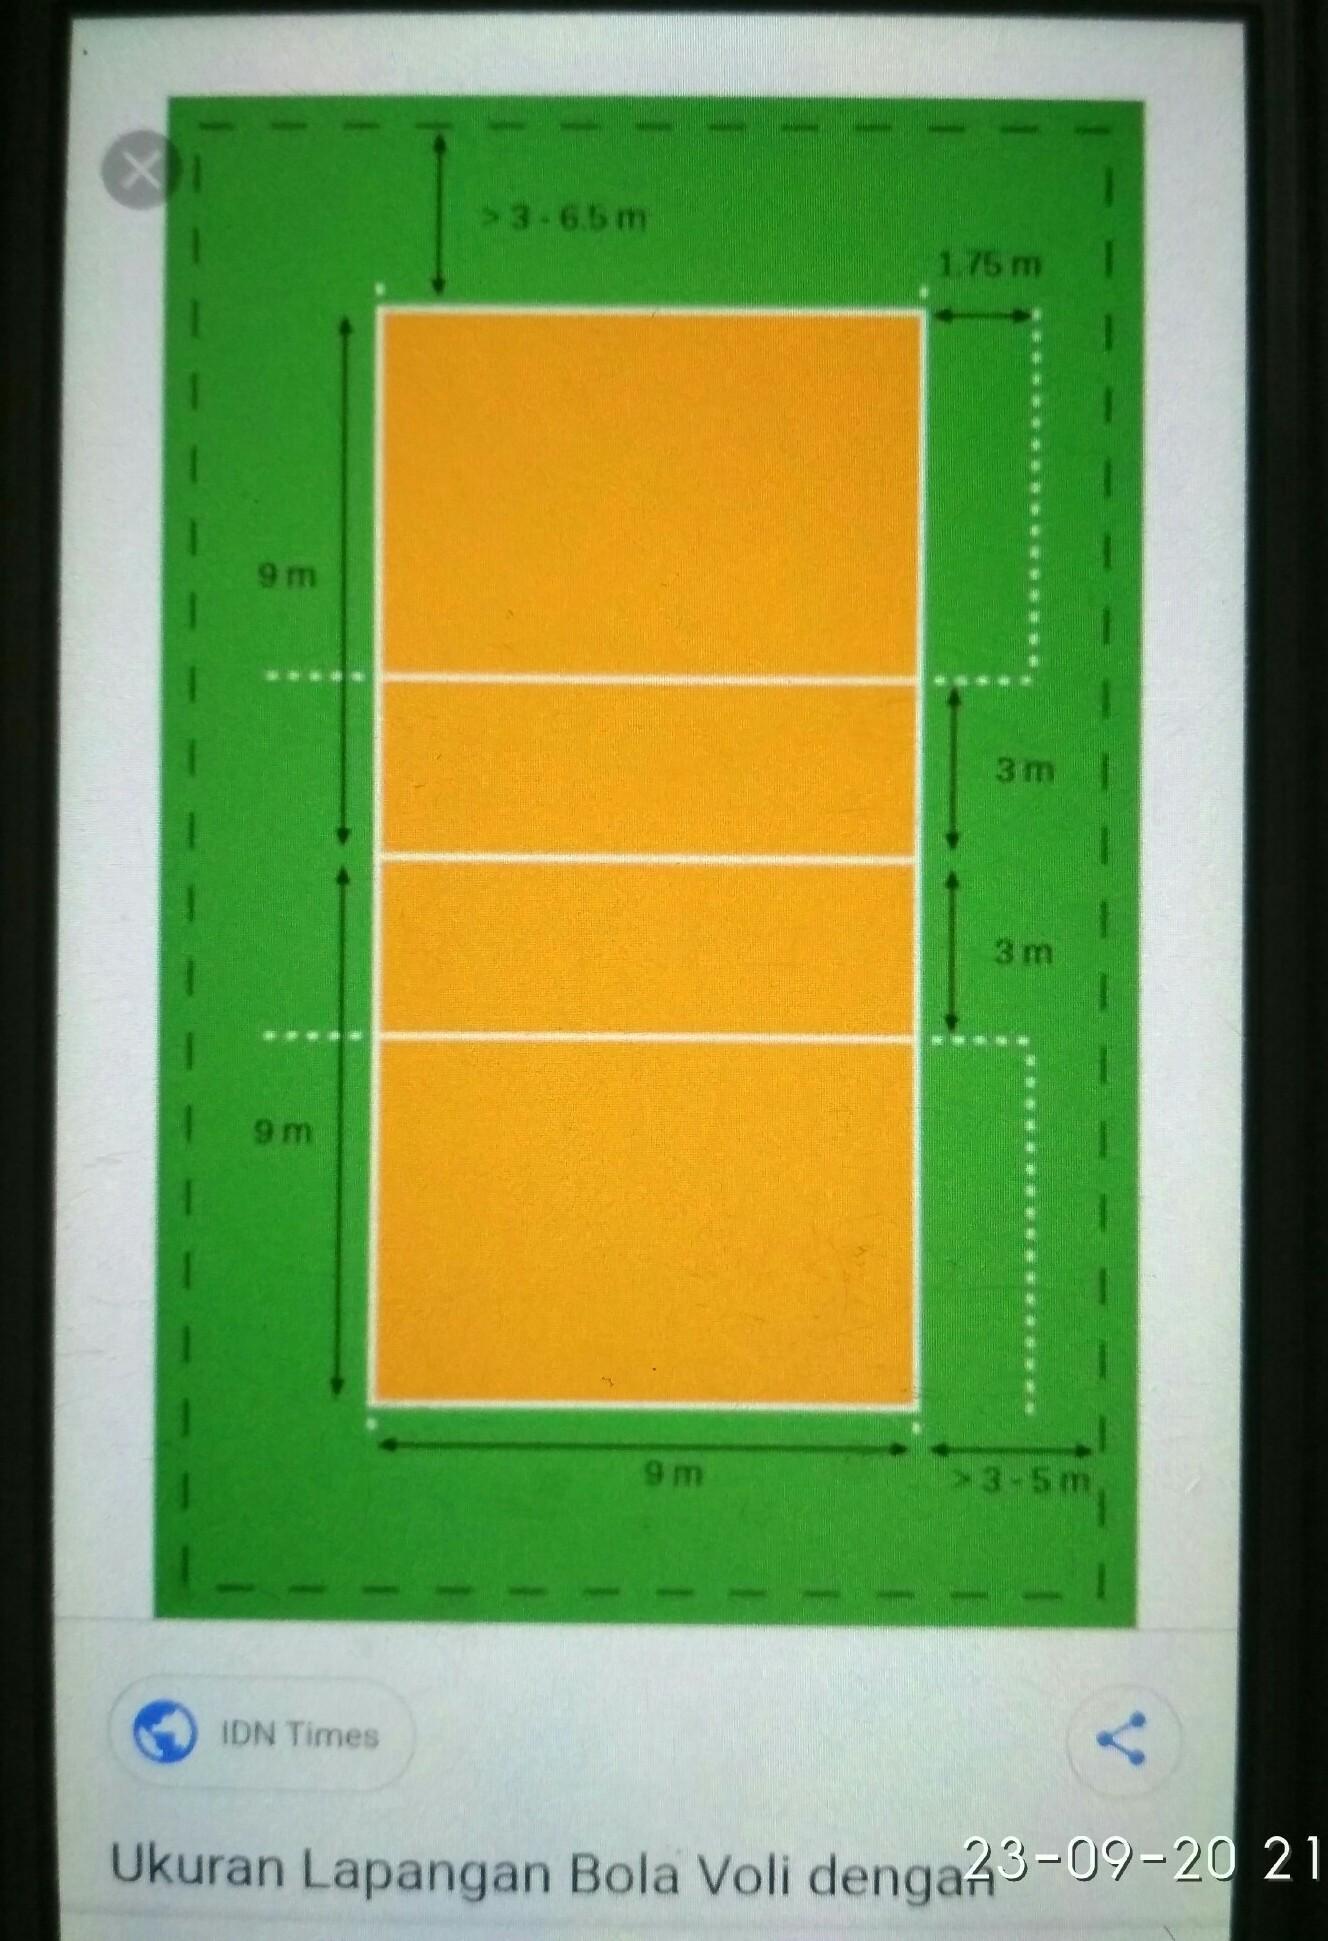 Bentuk Lapangan Bola Voli : bentuk, lapangan, Gambarlah, Bentuk, Lapangan, Lengkap, Dengan, Ukuran, Lapangannya, Brainly.co.id